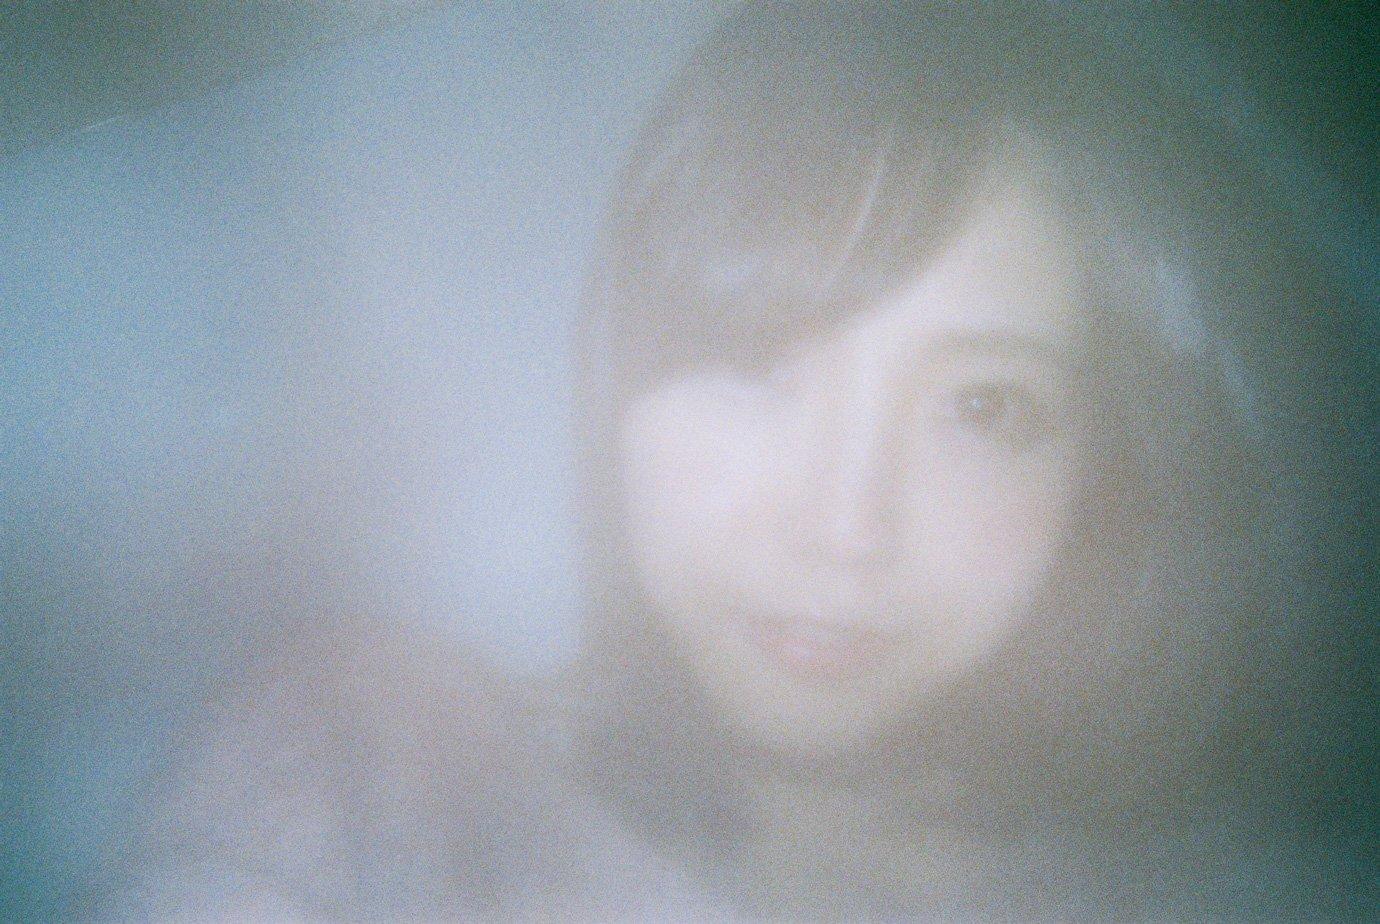 戸田真琴から、あなたへ贈る映画コラム5